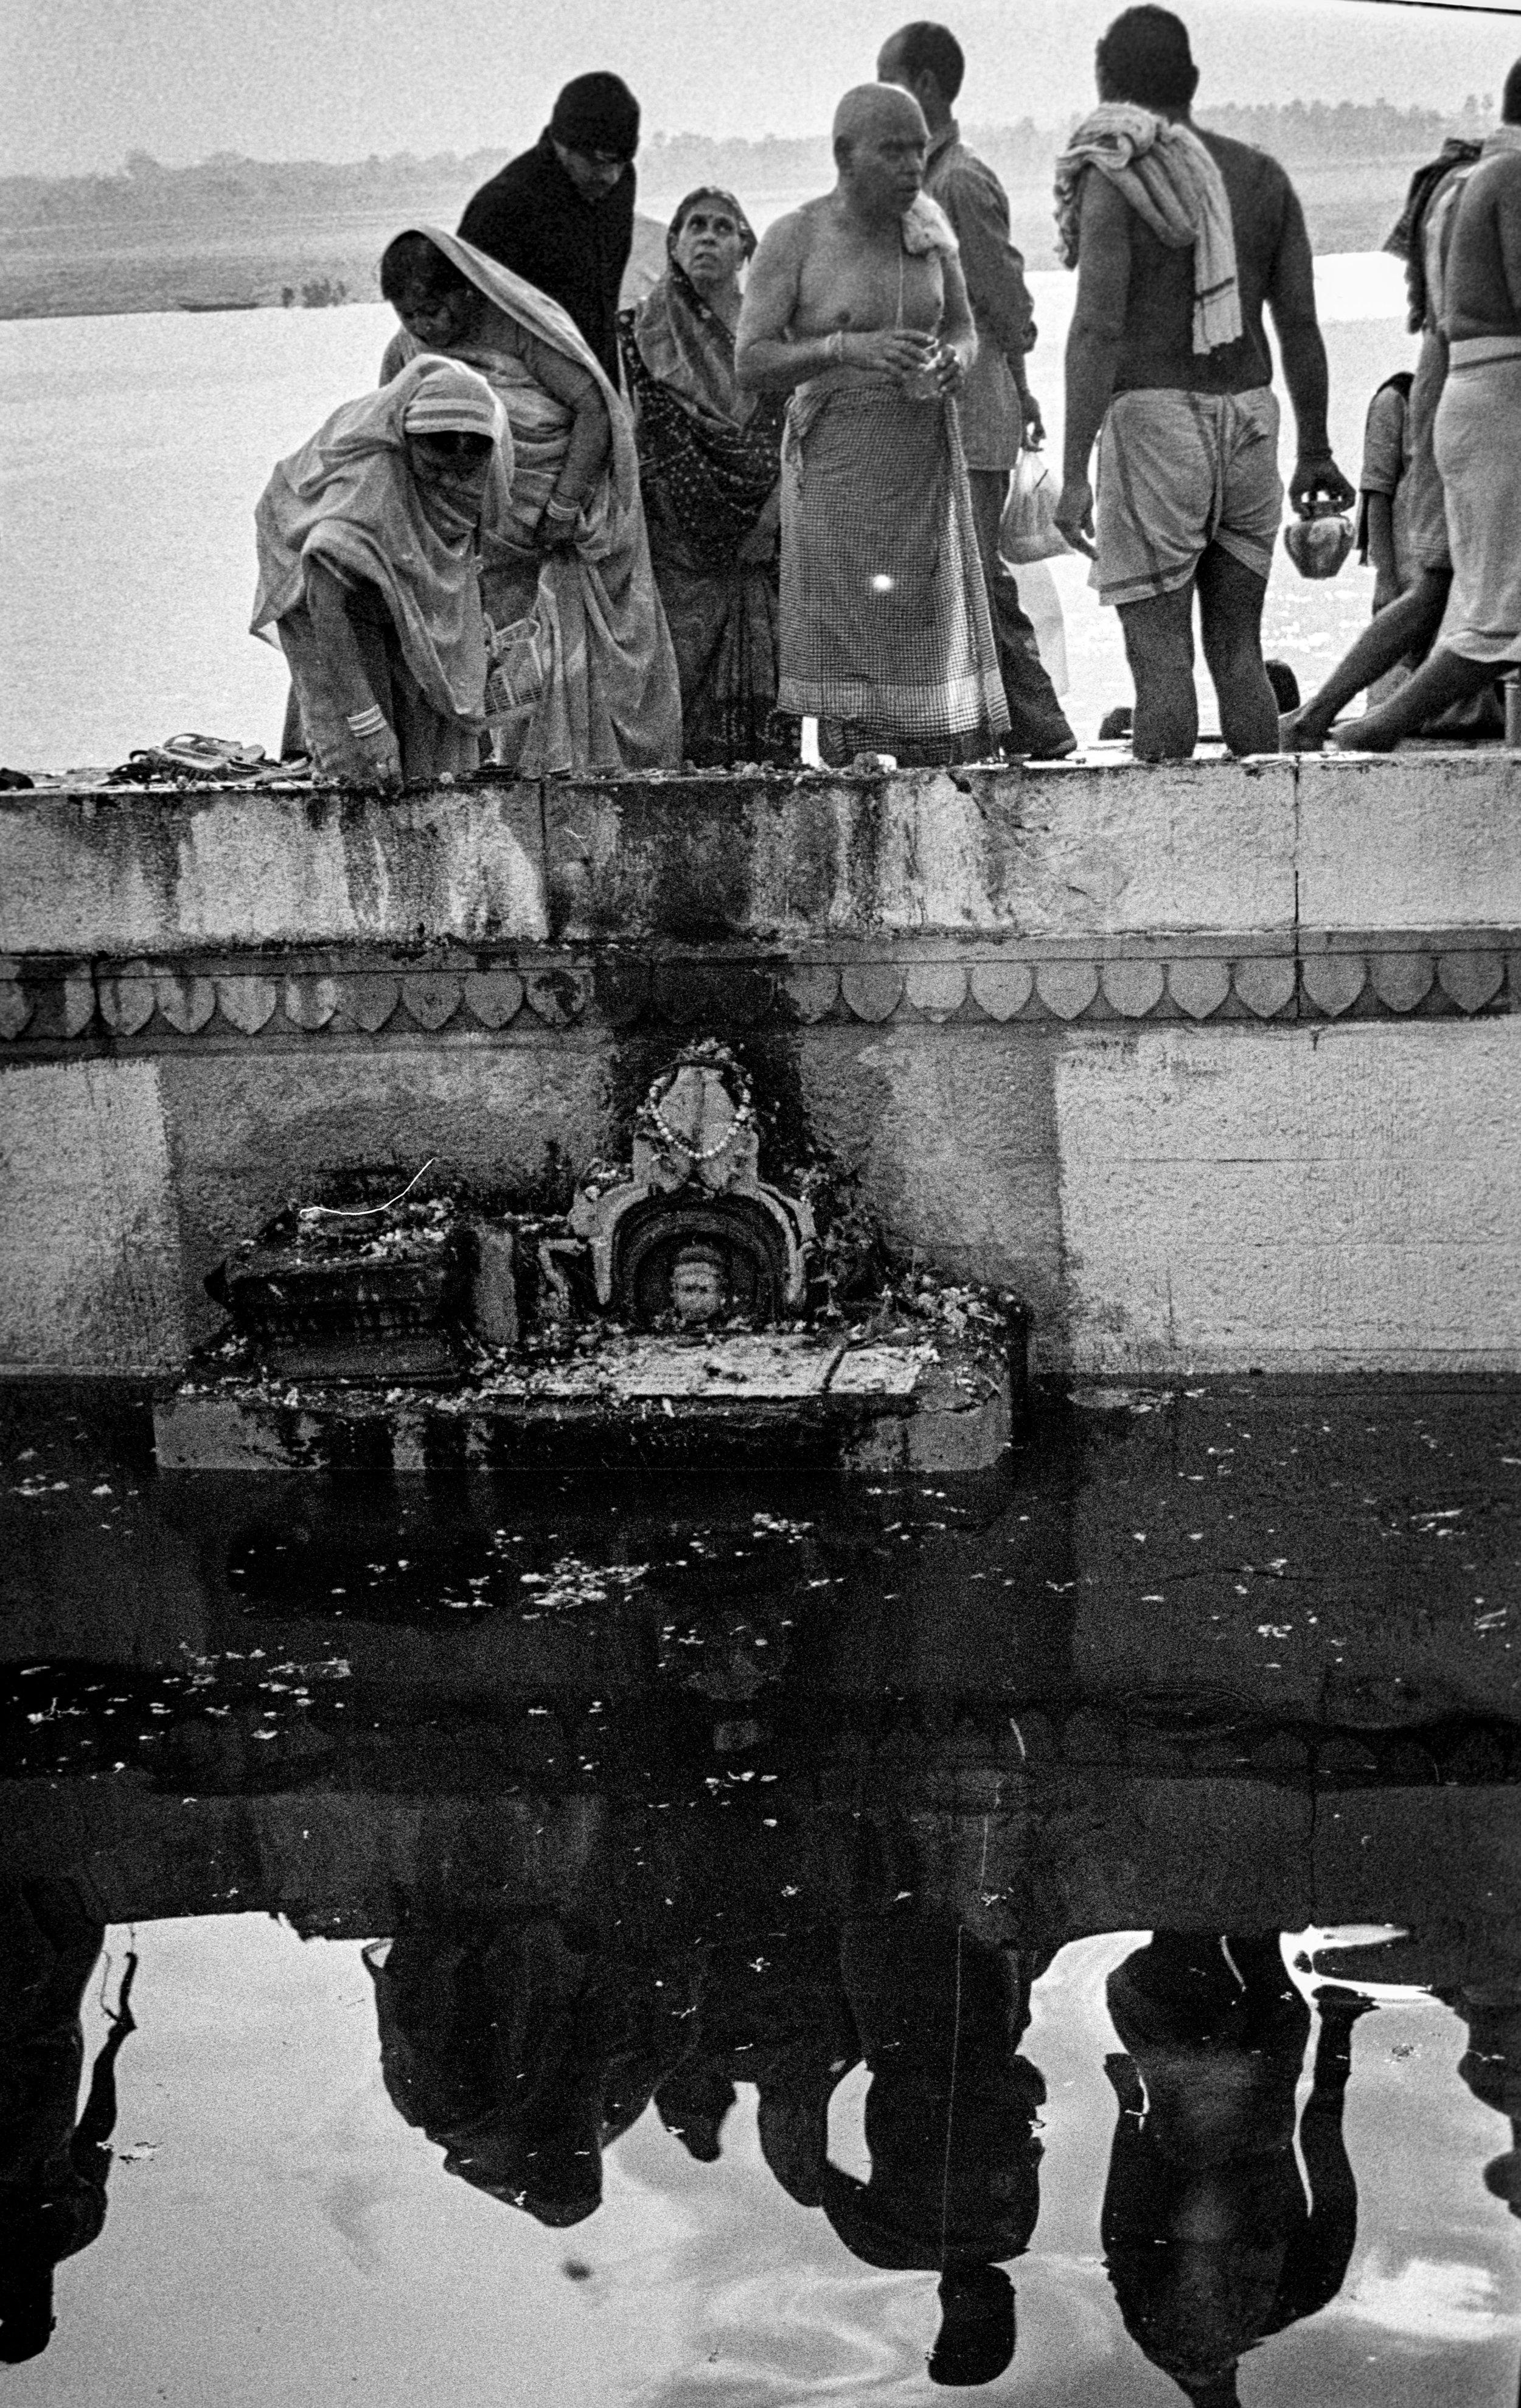 V34  Varanasi-35mm film